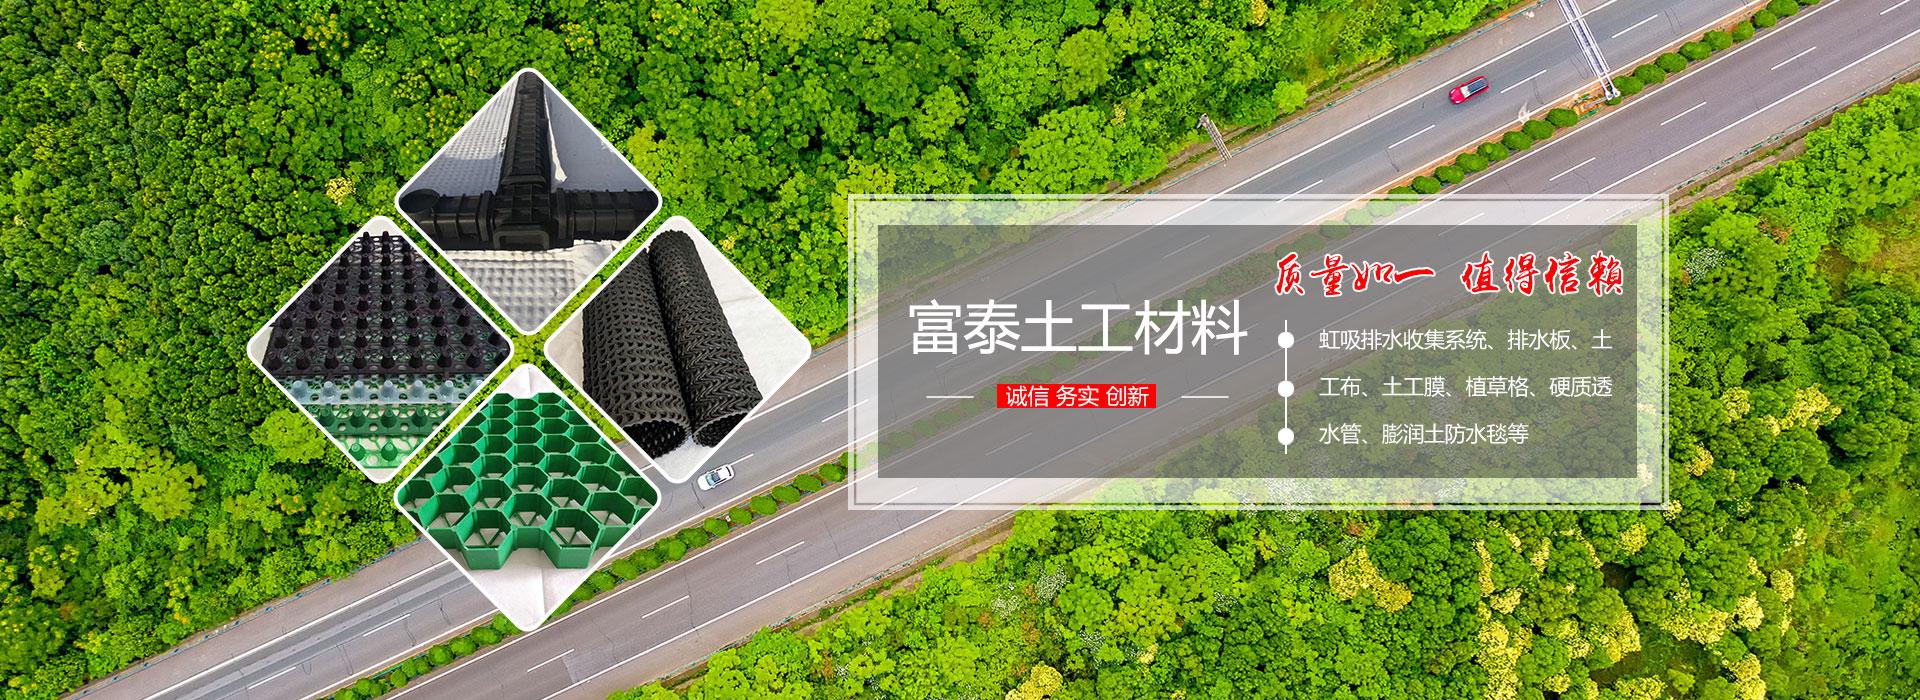 泰安富泰土工材料有限公司